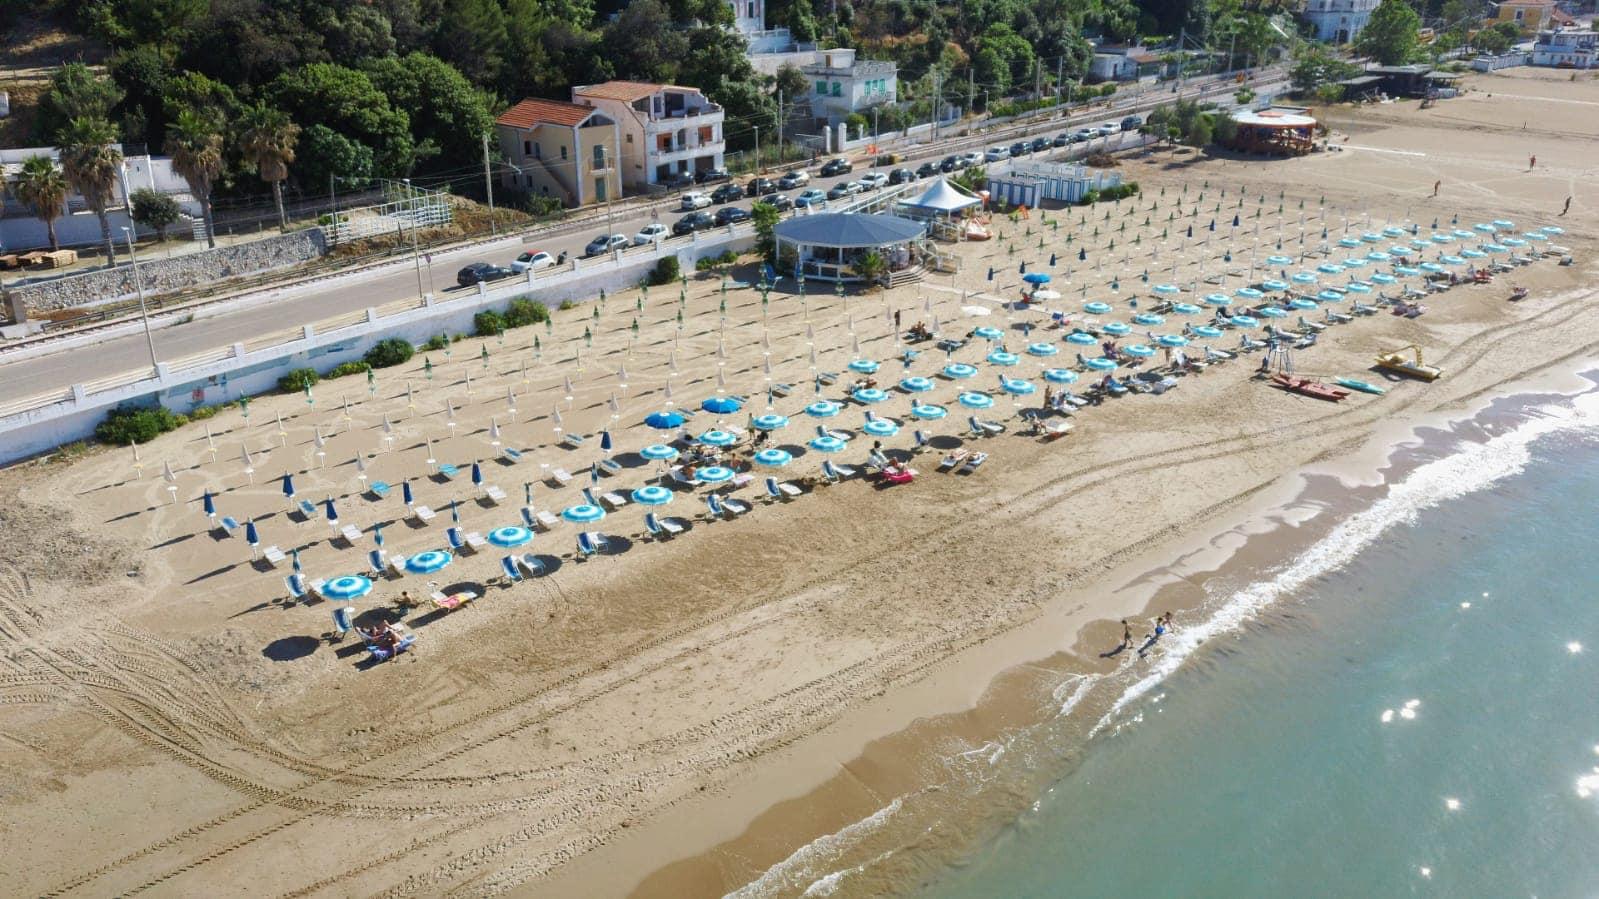 Lido Propulsione Beach